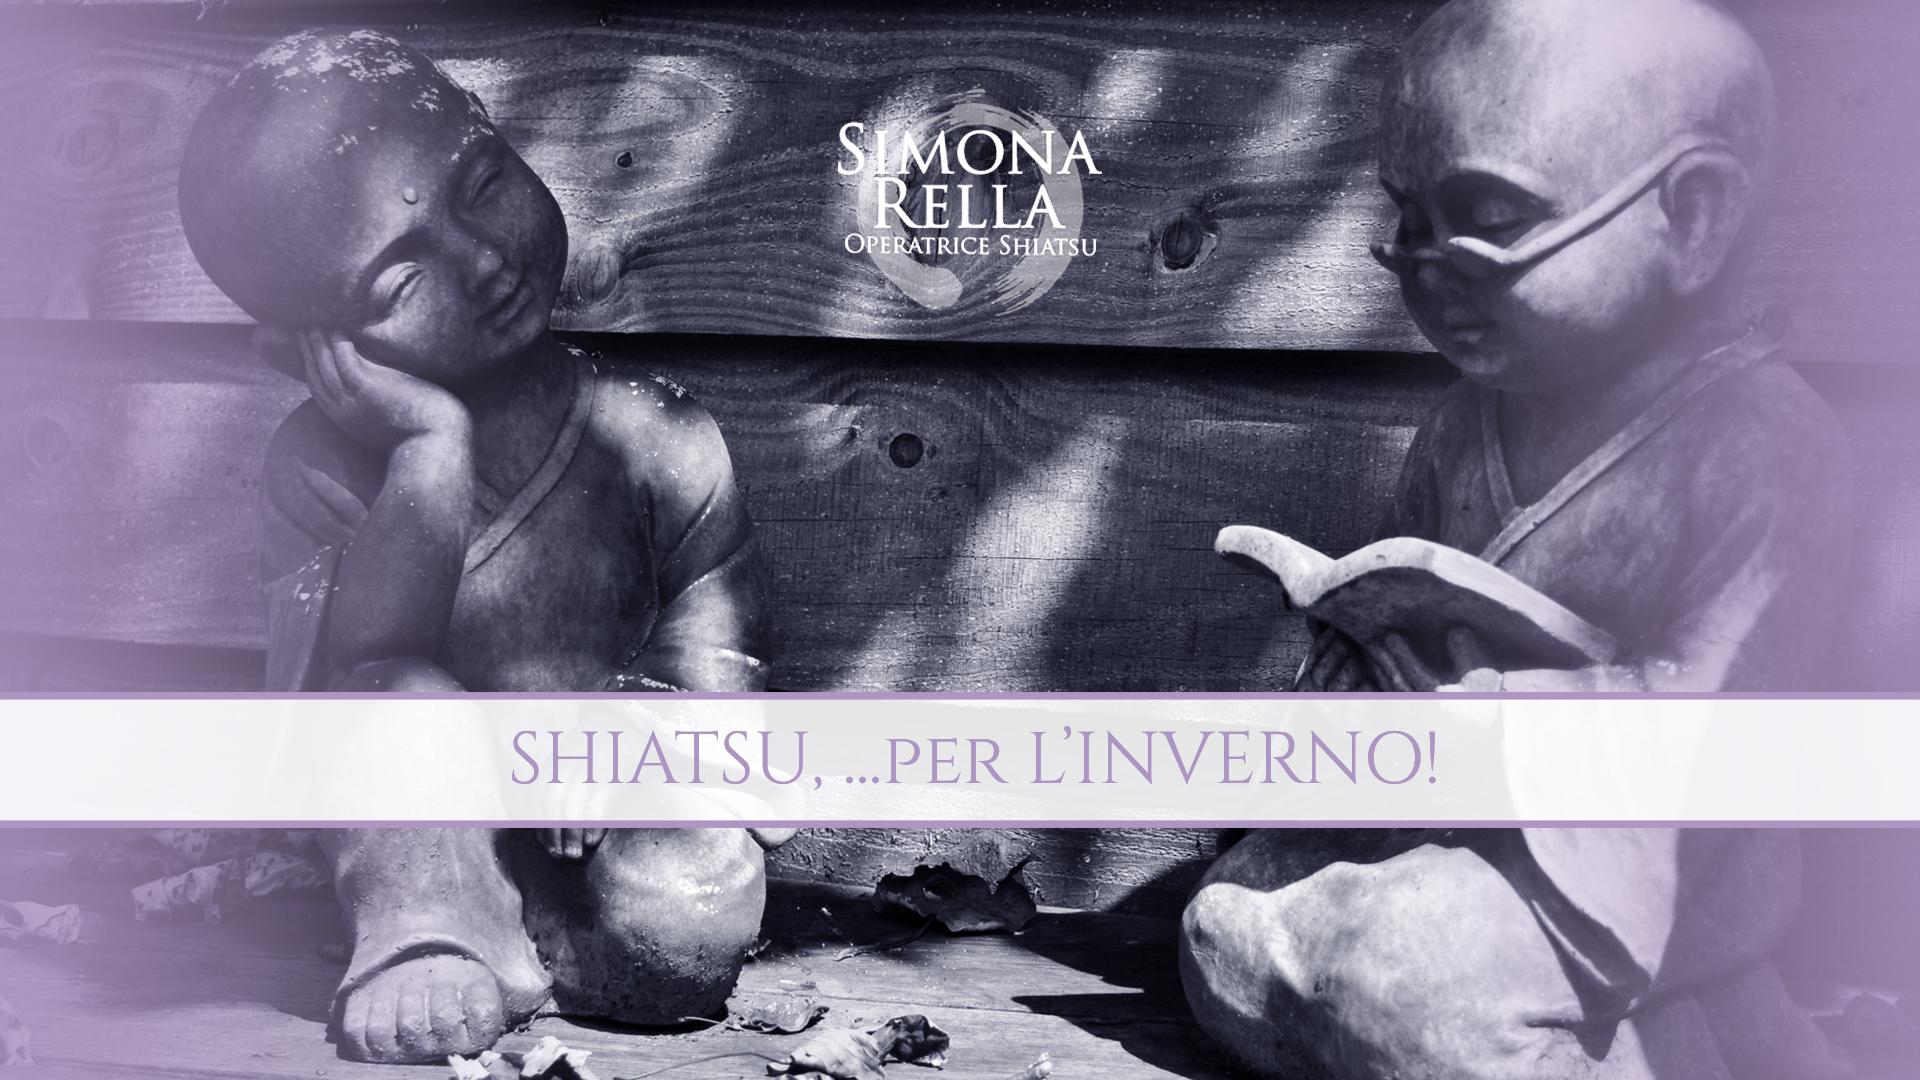 SHIATSU PER L'INVERNO (Simona Rella)